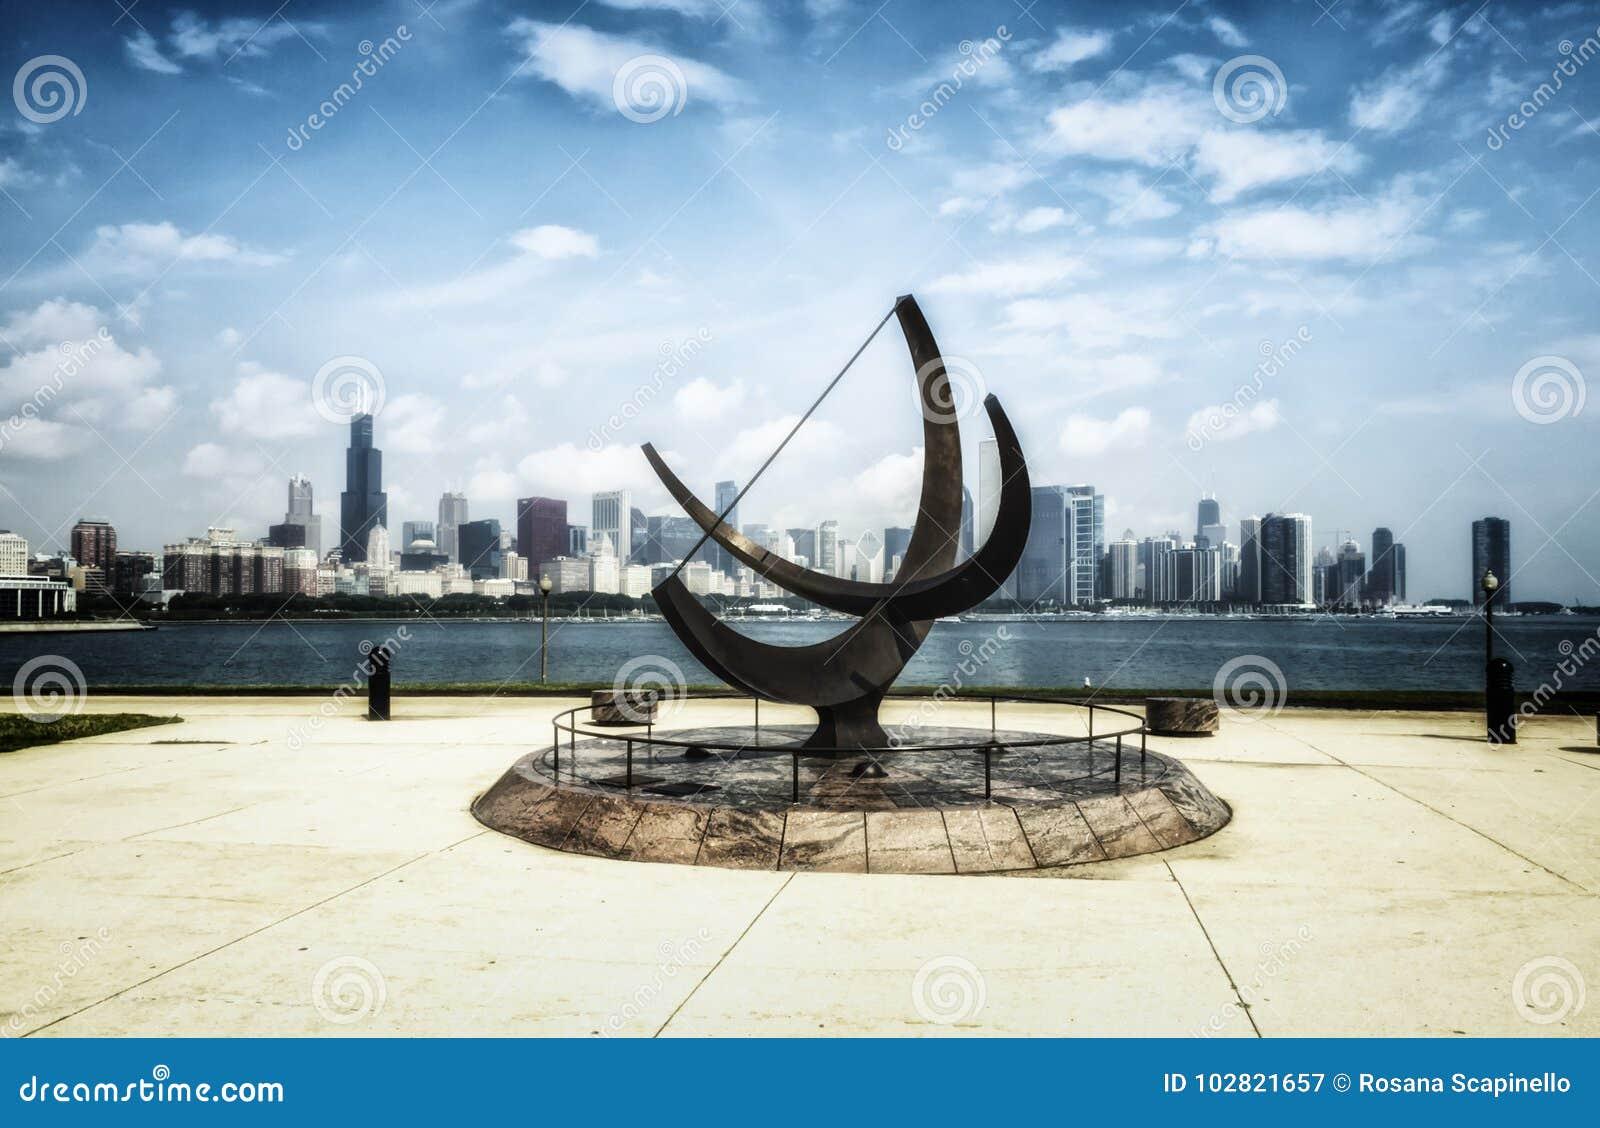 Sculpture en planétarium d Adler et horizon de Chicago - effet artistique blanchi de portrait - Chicago, l Illinois, Etats-Unis